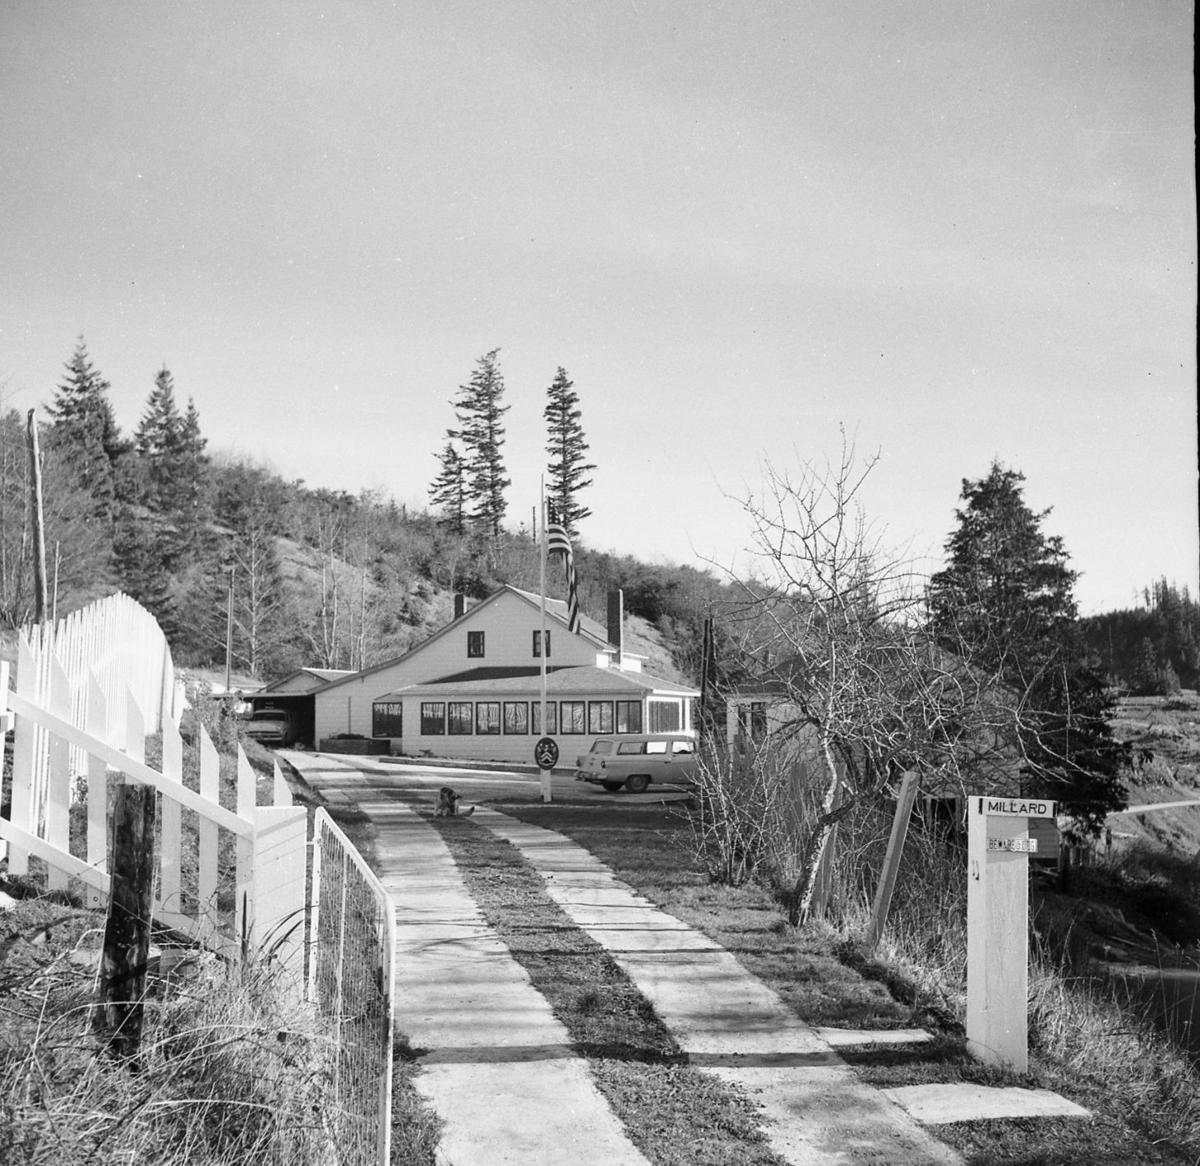 Millard School on Langlois Mt., probably taken in the 1950s